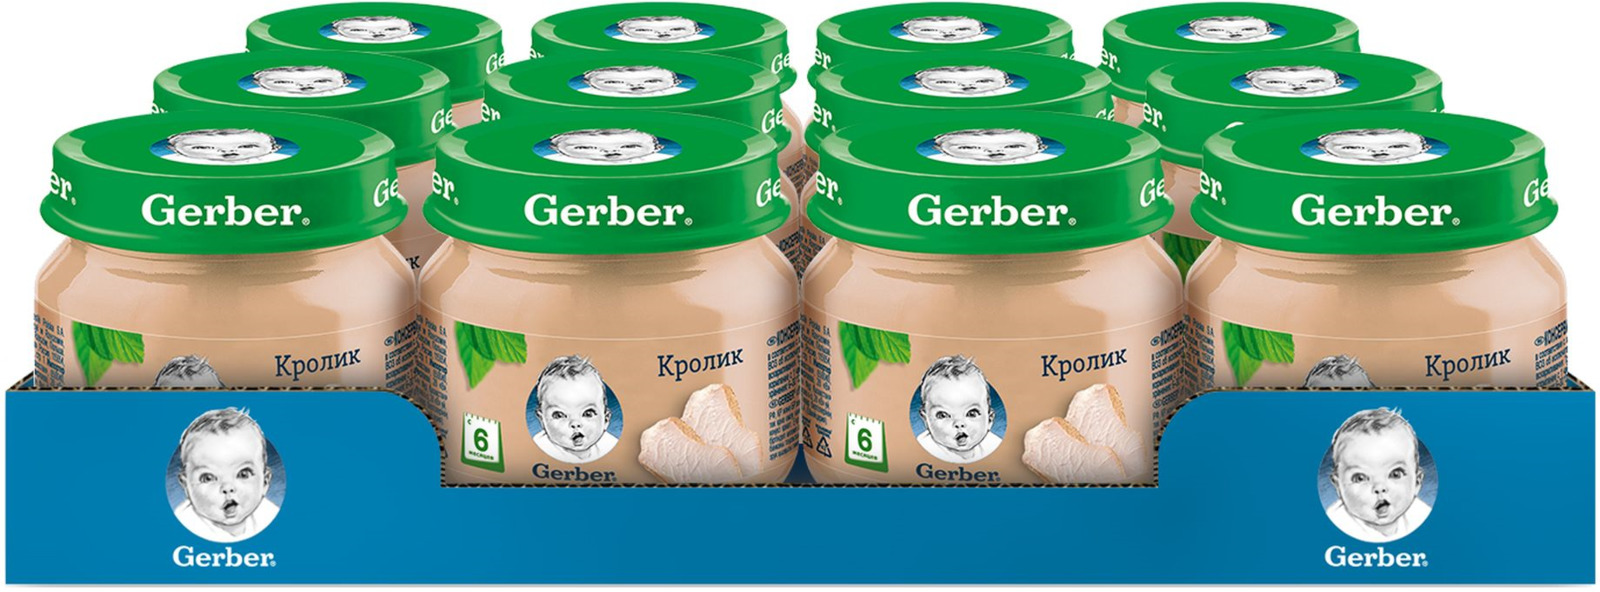 Пюре Консервы мясные кролик для питания детей с 6 месяцев Gerber, 12 шт по 80 г